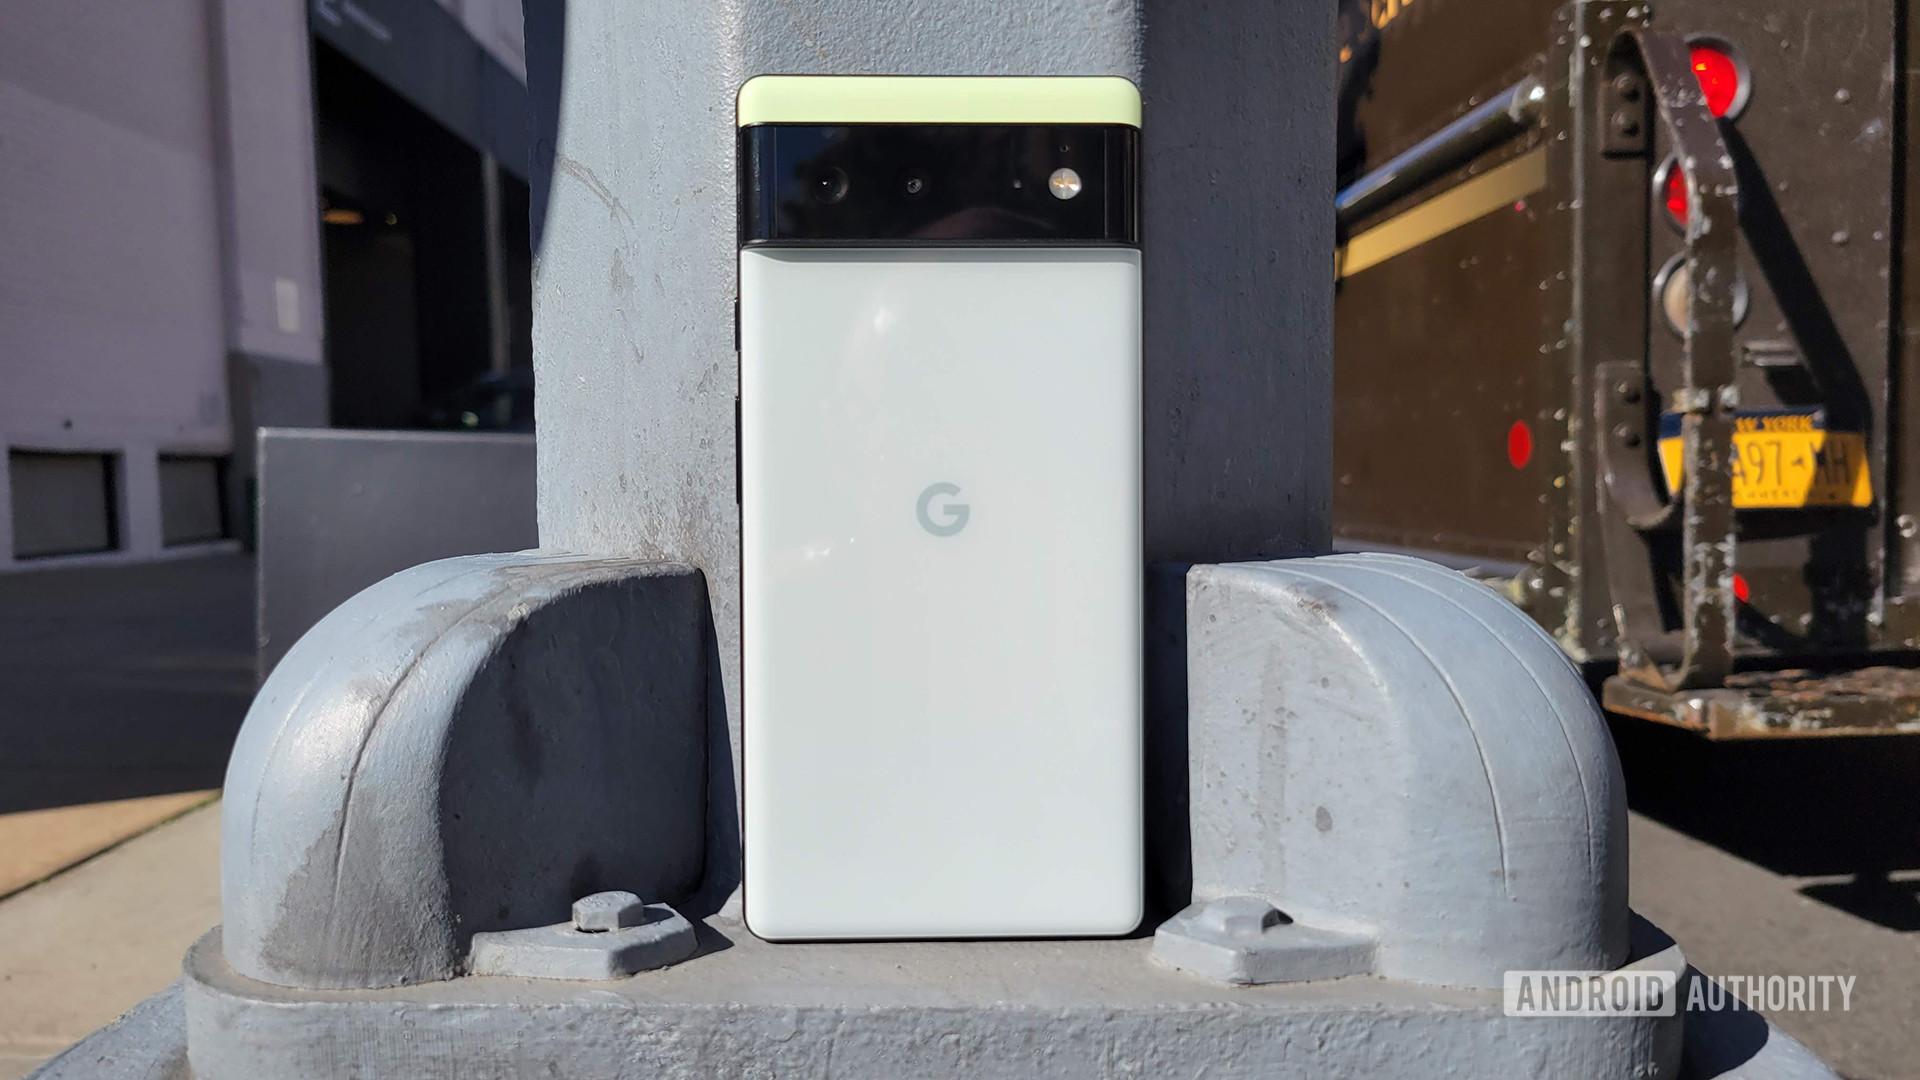 Google Pixel 6 against lamp post